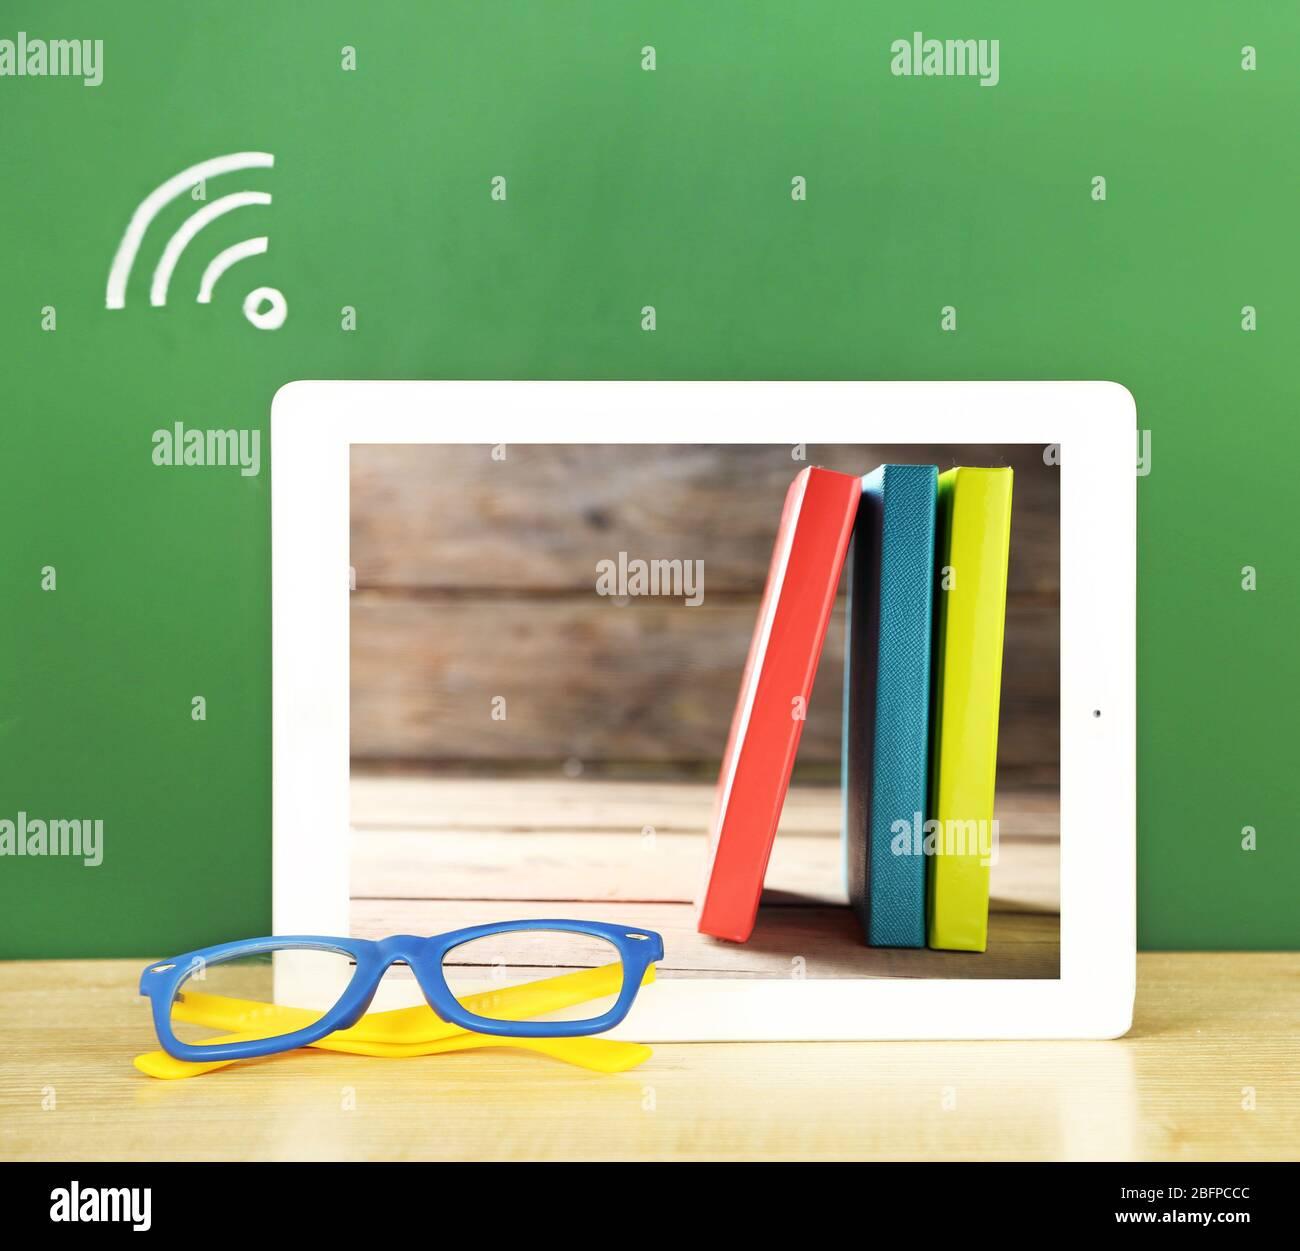 Tablette Avec Papier Peint Papeterie A L Ecran Connexion Wi Fi Sur Fond De Tableau De Surveillance Concept D Enseignant D Ecole Photo Stock Alamy